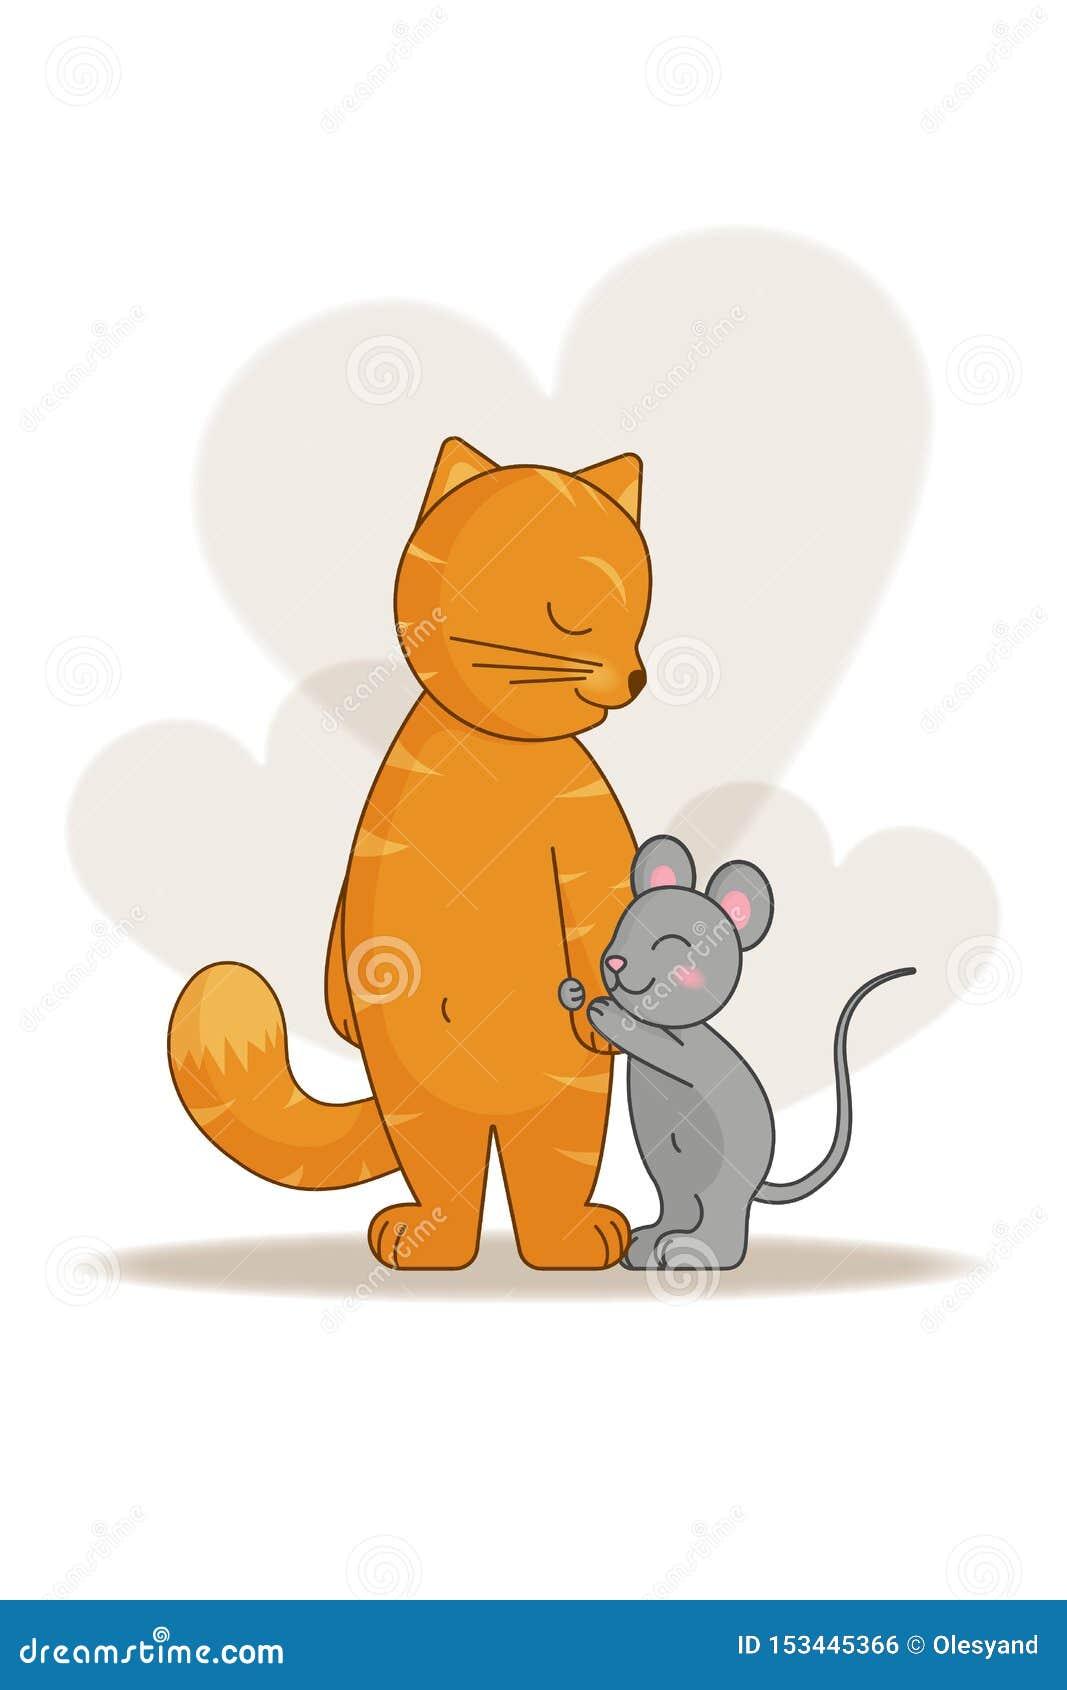 El Amor Y La Amistad Del Gato Y Del Ratón Ilustración Del Vector Ilustración De Plano Postal 153445366